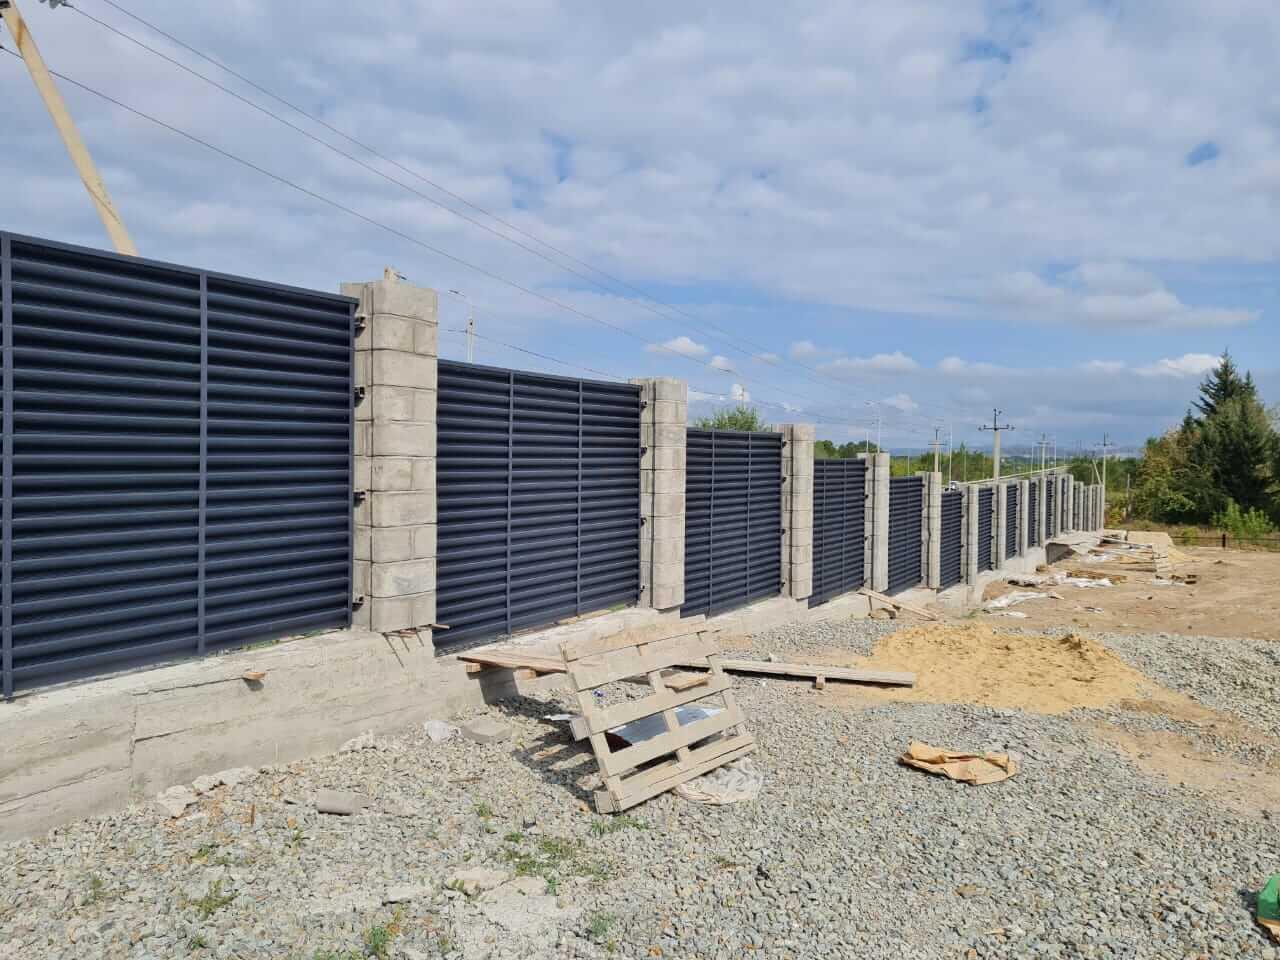 забор-жалюзи серый графит матовый фото6